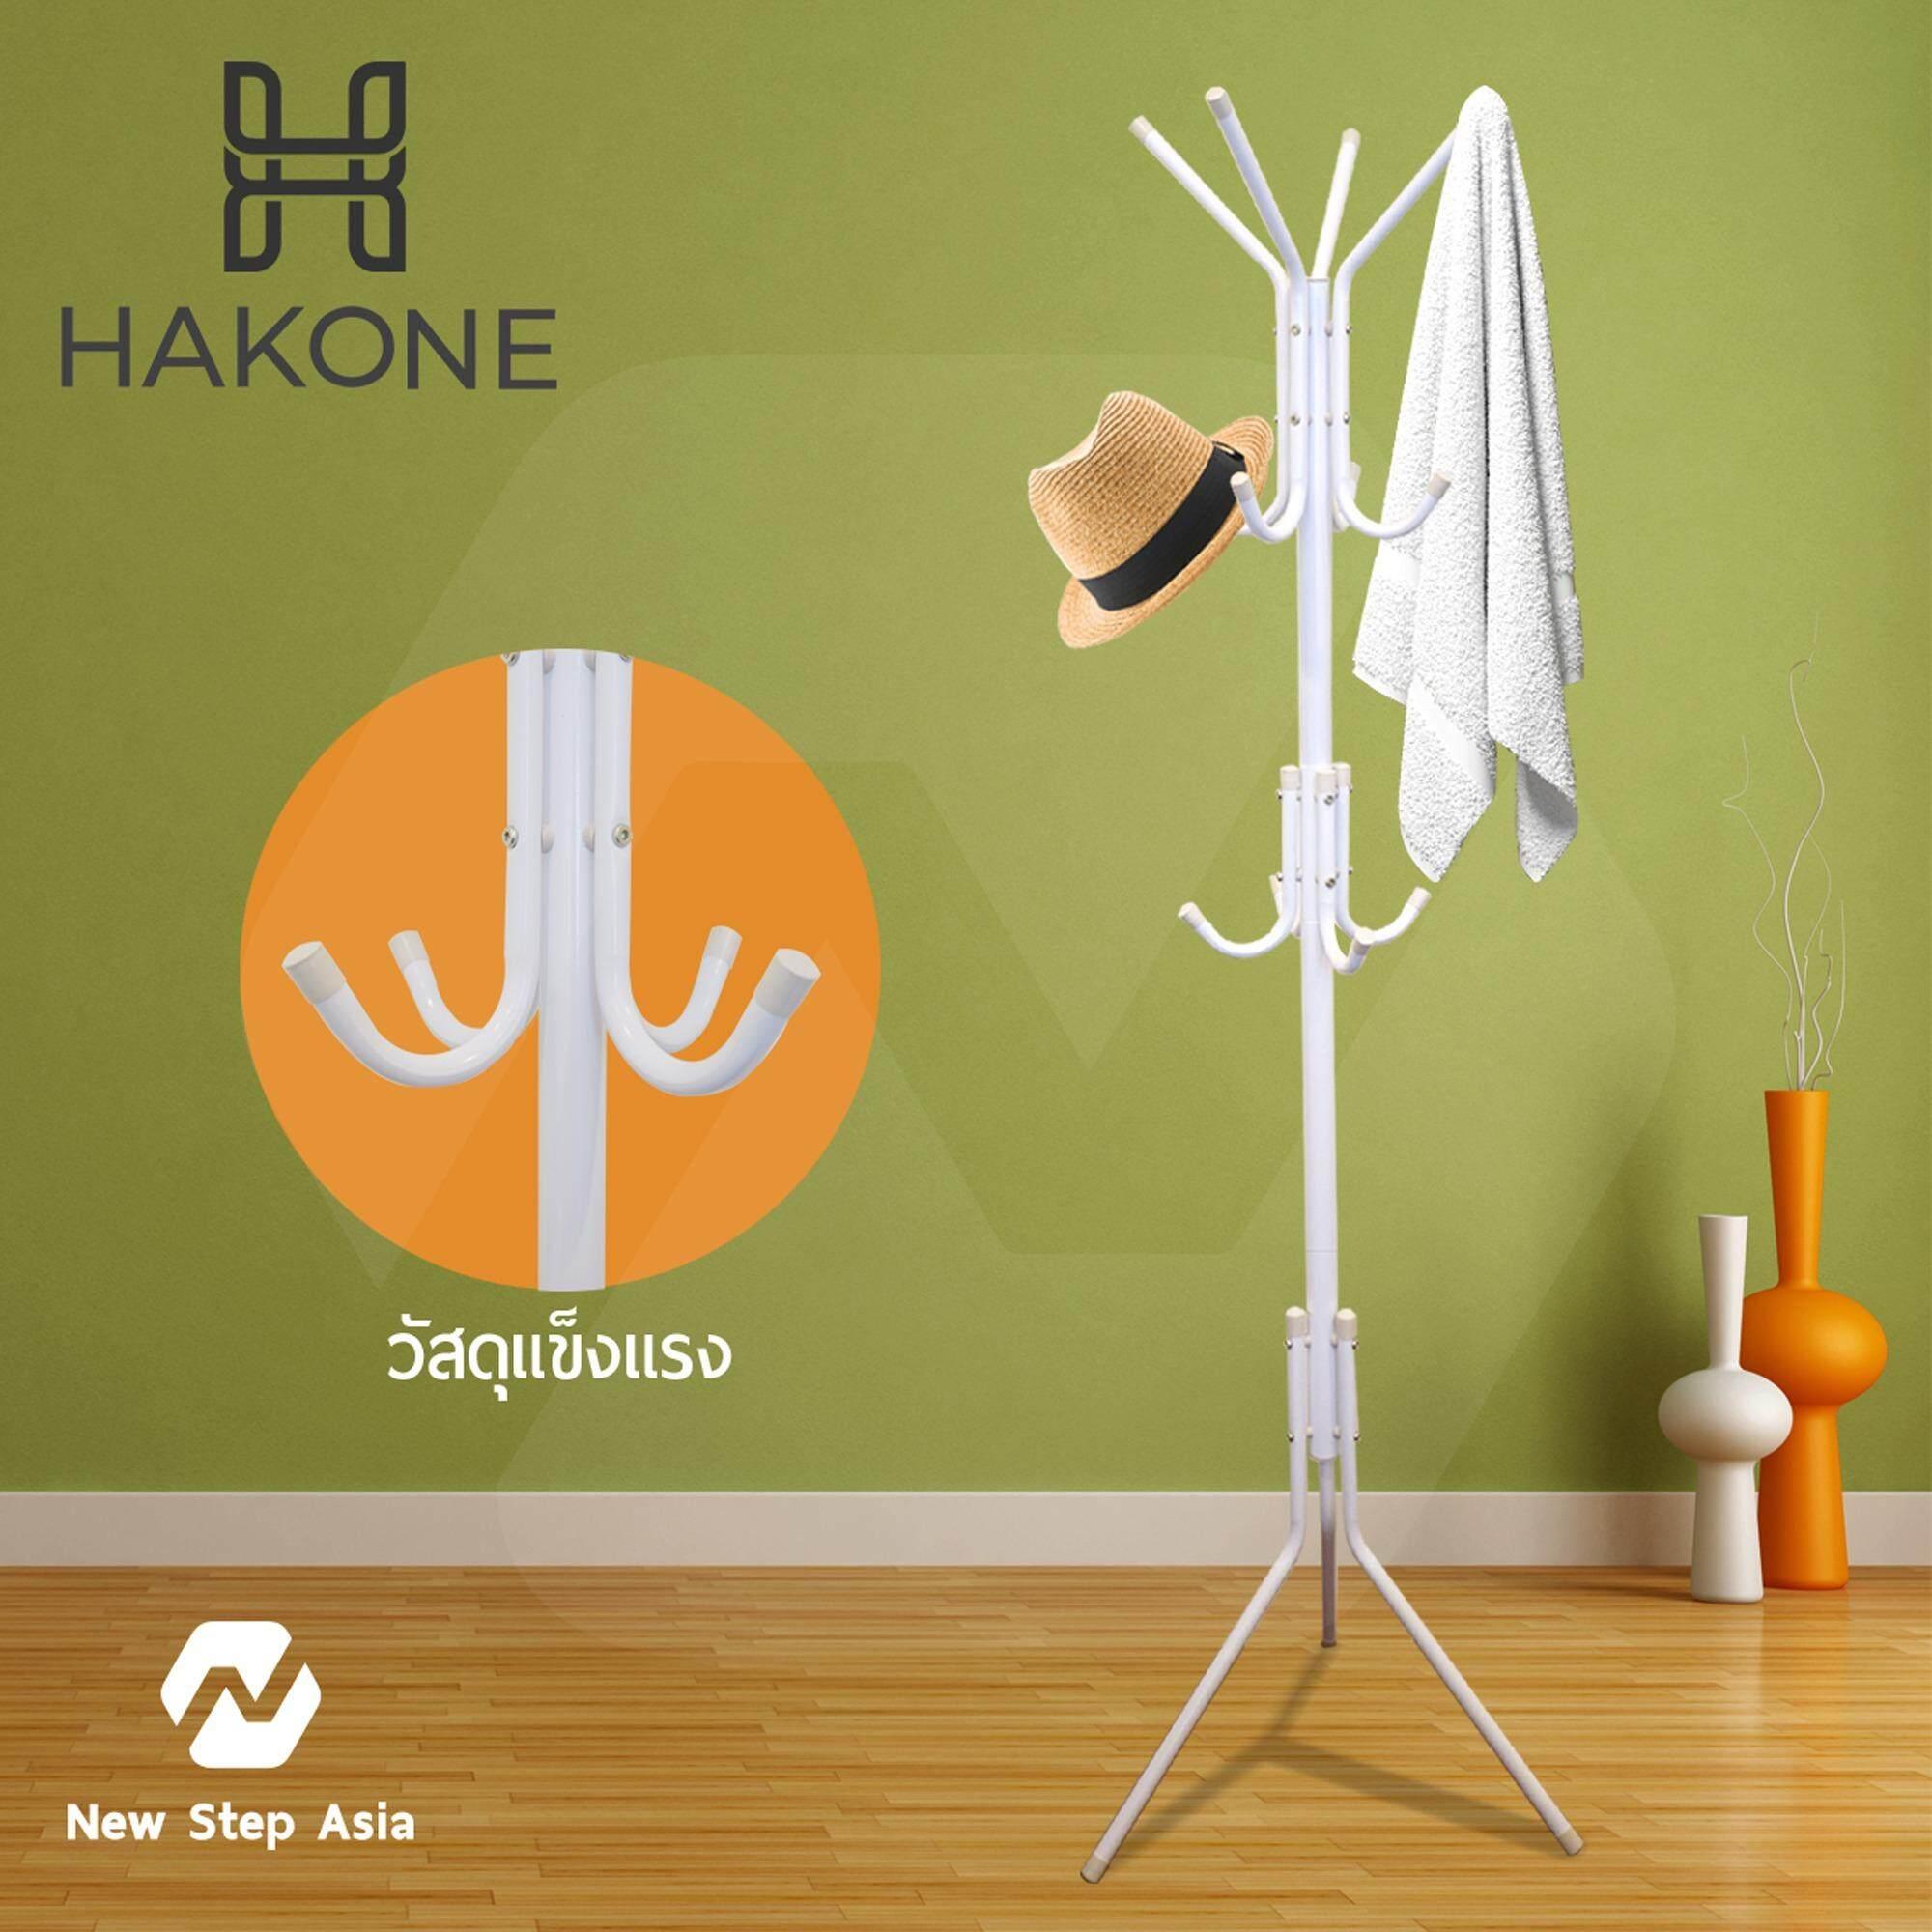 ราคา Hakone ที่แขวนหมวก ที่แขวนผ้า ราวแขวนผ้า ราวตากผ้า ที่แขวนสูท ที่แขวนเสื้อ ที่แขวนร่ม ไม้แขวนผ้าทรงต้นไม้ New Step Asia ใหม่